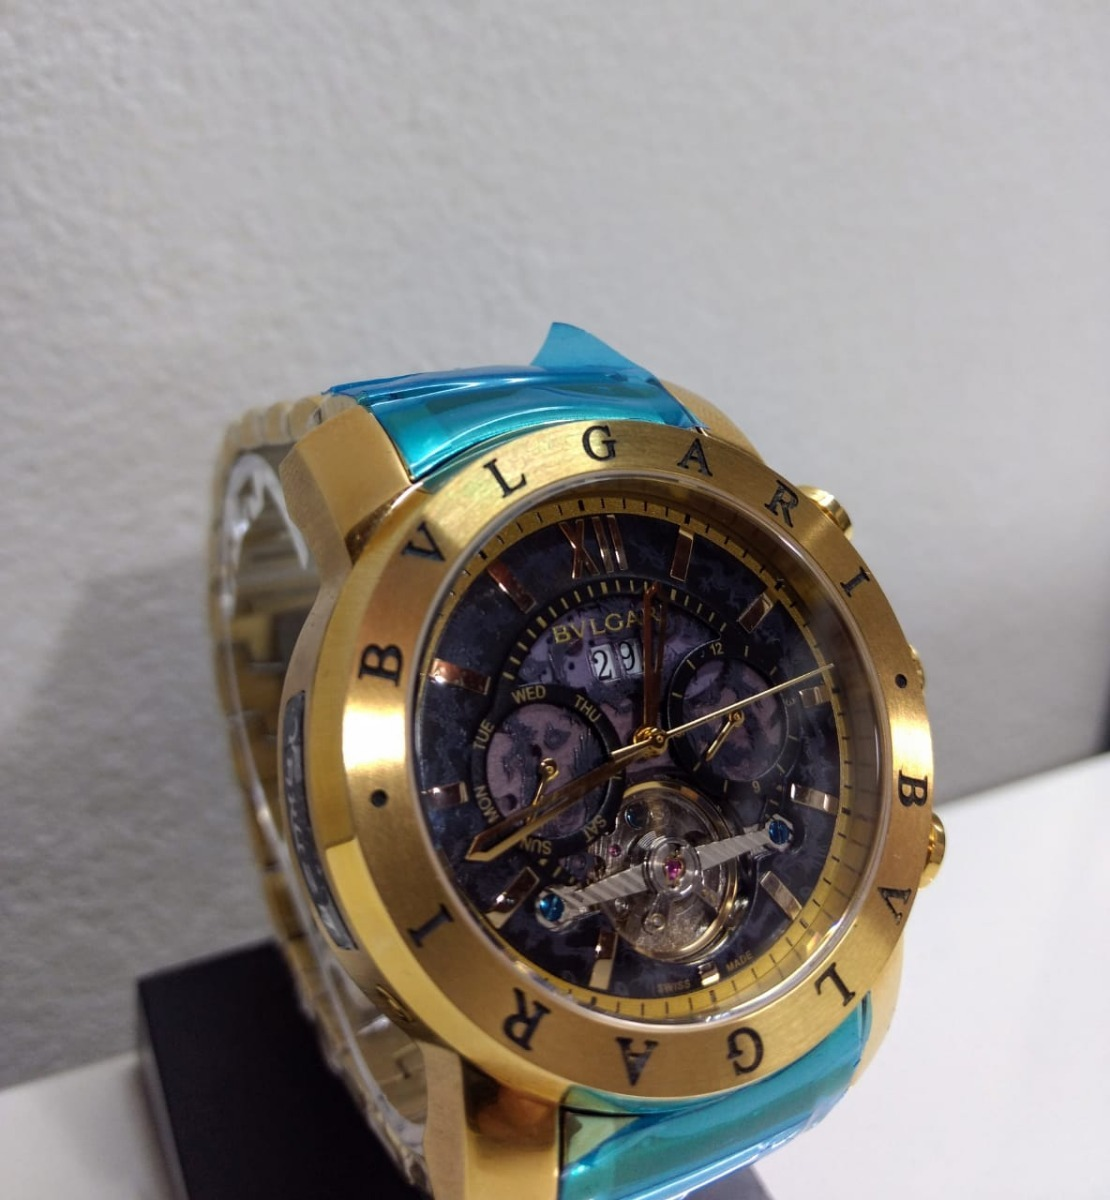 relógio bvlgari automático dourado fundo preto importado top. Carregando  zoom. 0e909ff045